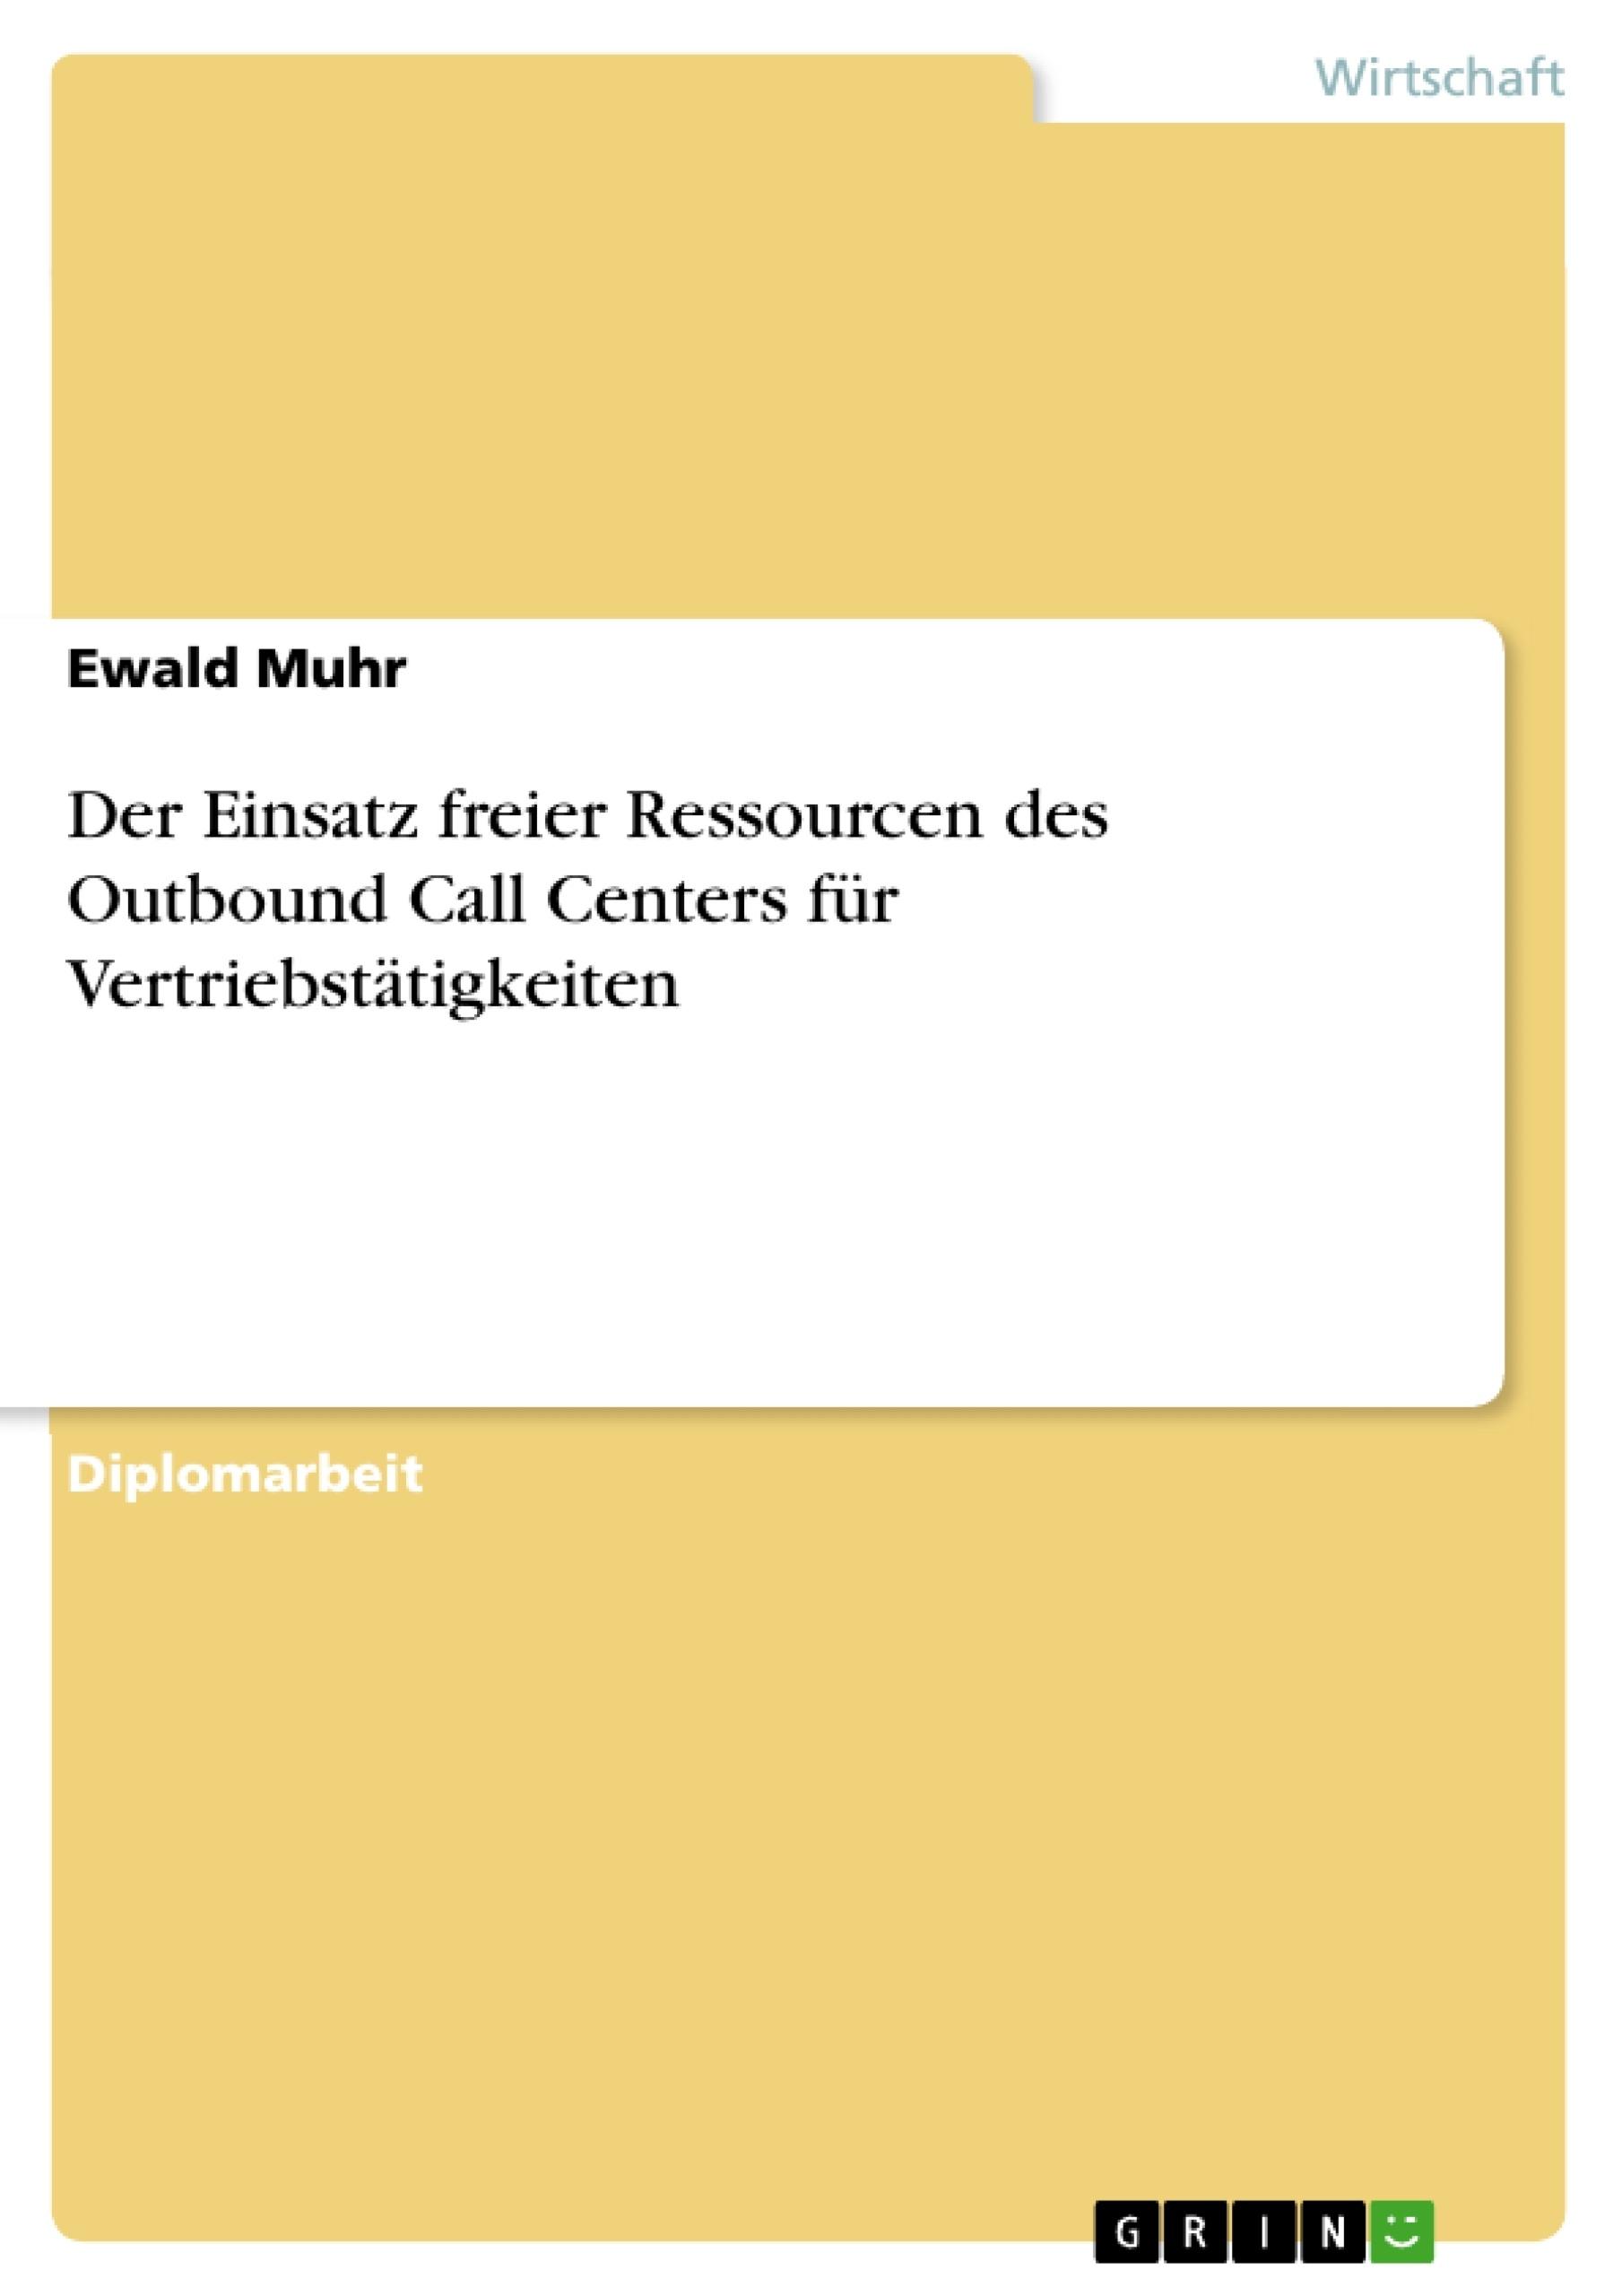 Titel: Der Einsatz freier Ressourcen des Outbound Call Centers für Vertriebstätigkeiten